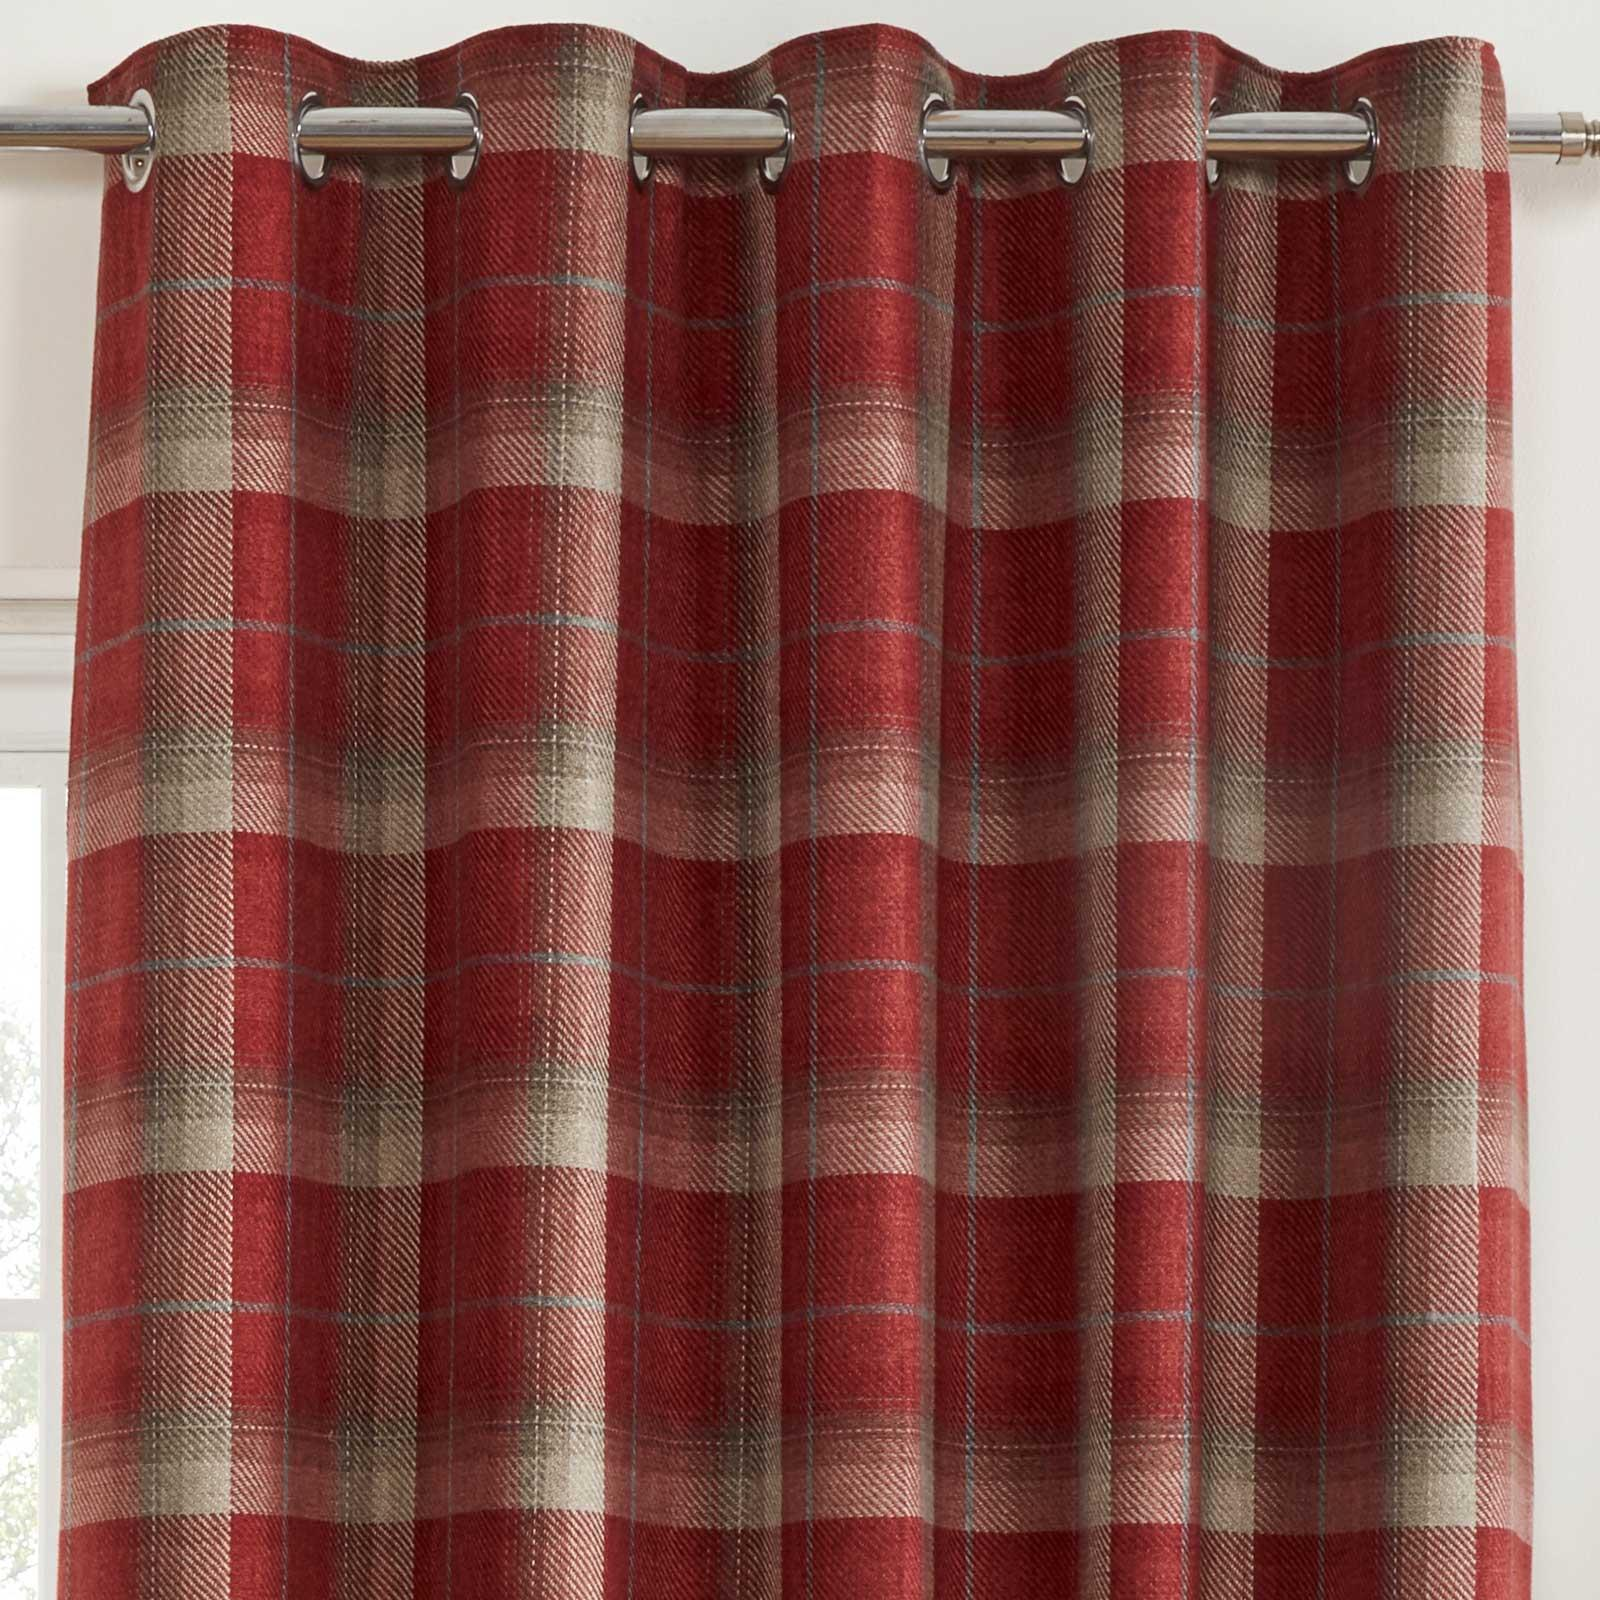 Cortinas-DE-ORIFICIOS-Rojo-Blackout-Tartan-Check-Ready-Made-acogedor-Anillo-Superior-Cortina-Pares miniatura 23